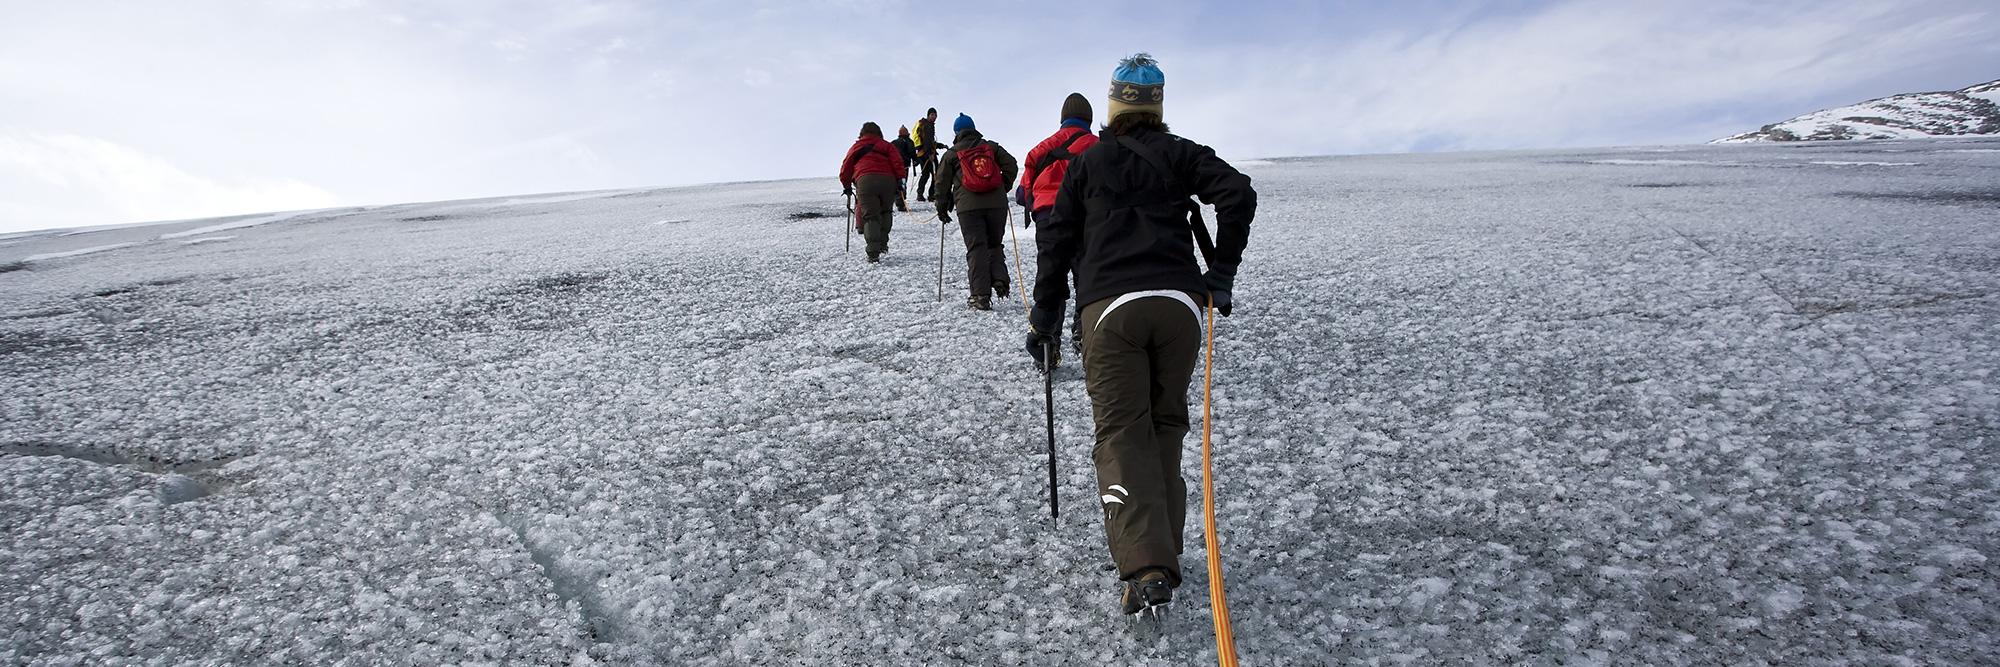 Mini Trekking sur le glacier de Jostedalsbreen